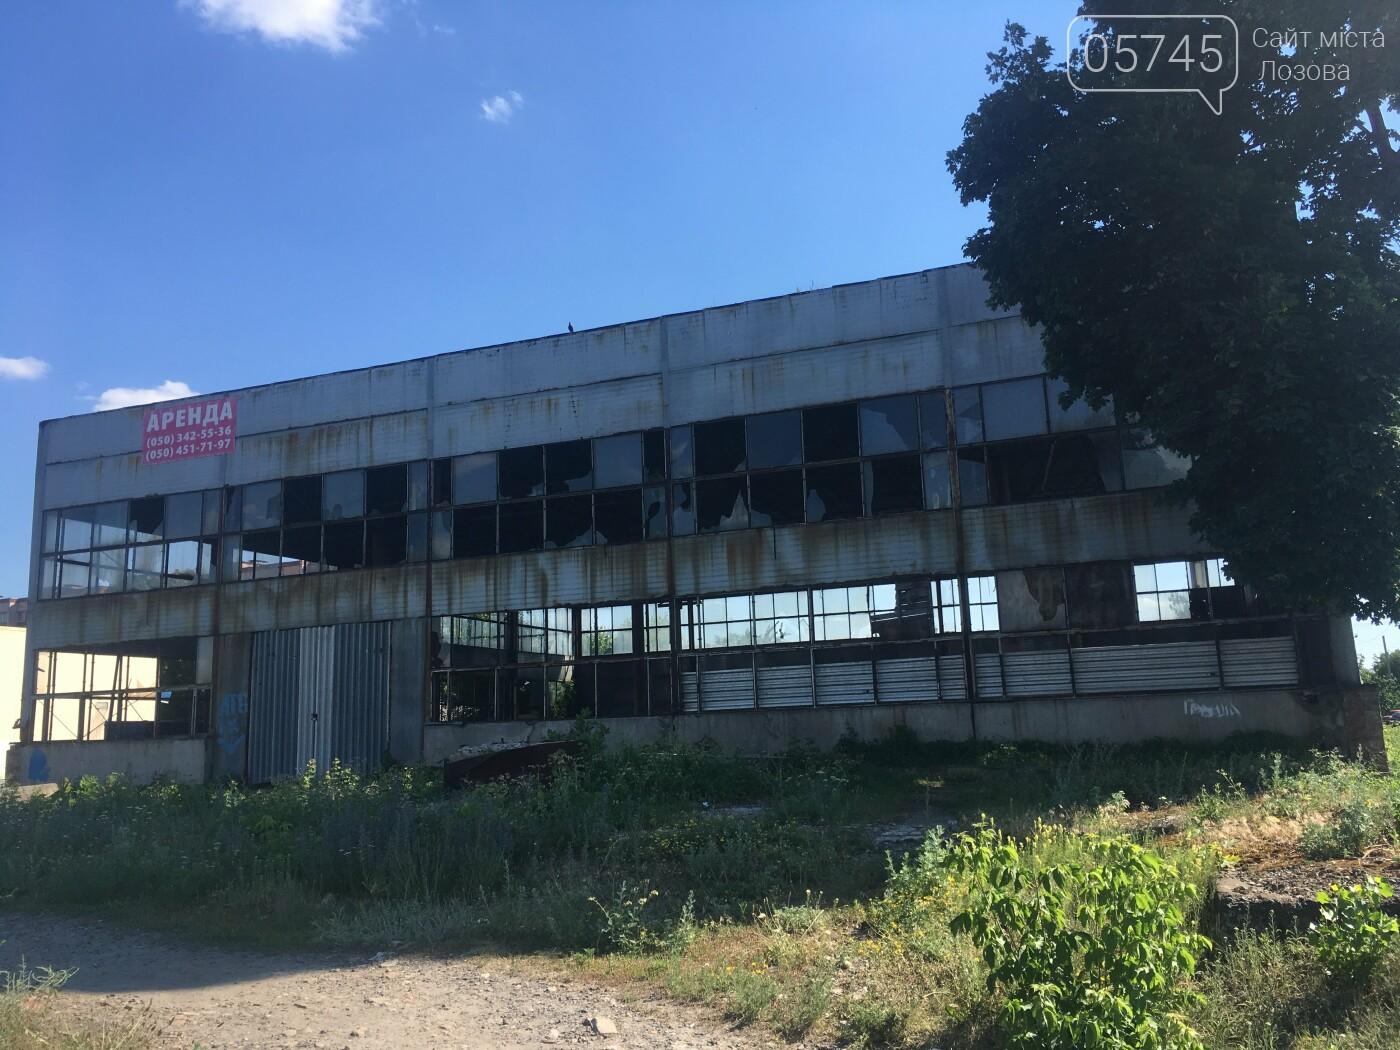 В Лозовой решили продать землю под строительство торгового центра, фото-1